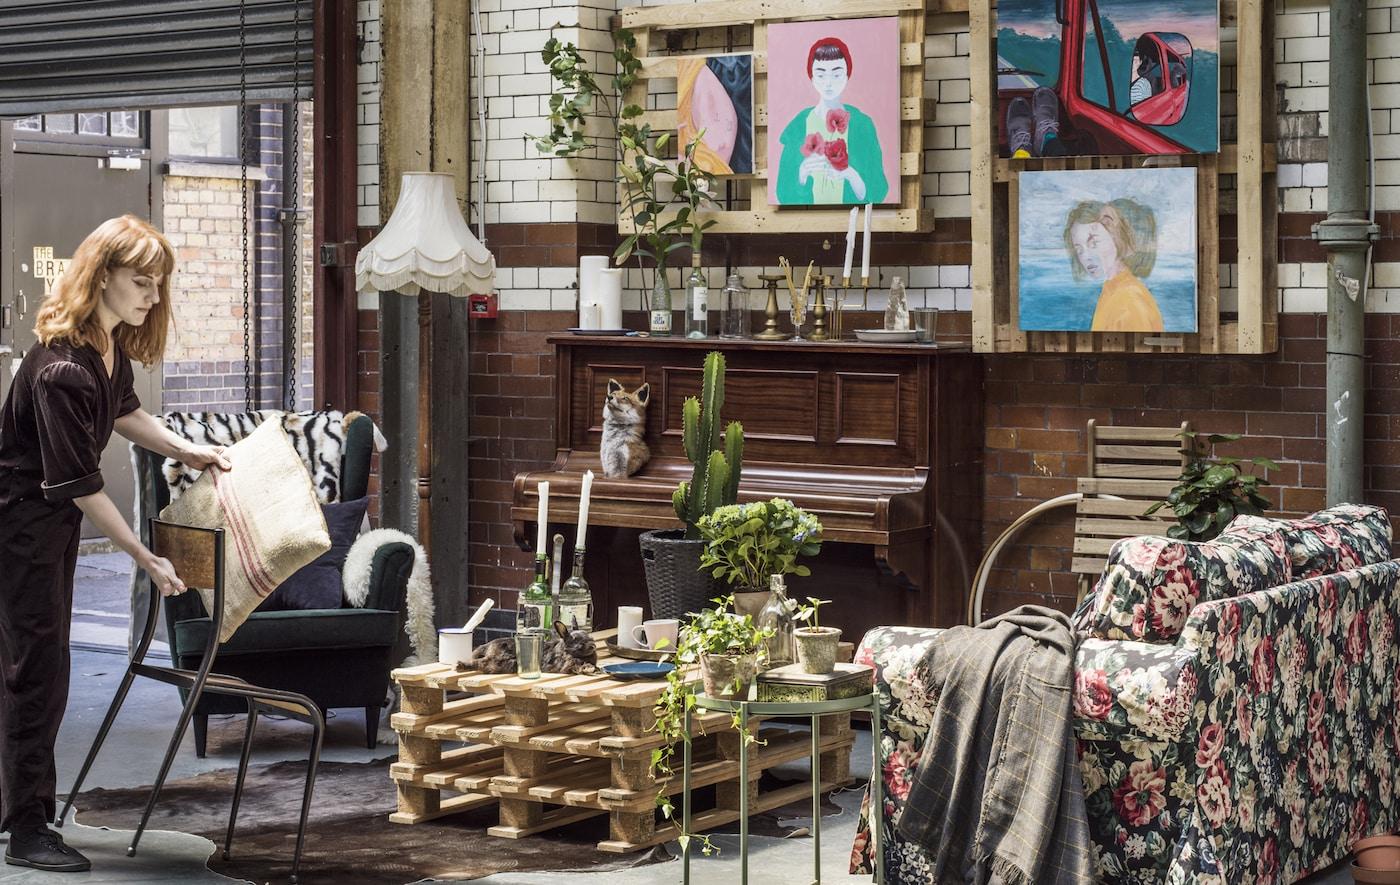 Eine Frau in einem Innenhof mit geblümten Sofa, Tisch aus Paletten & Holzklavier & bunten Bildern